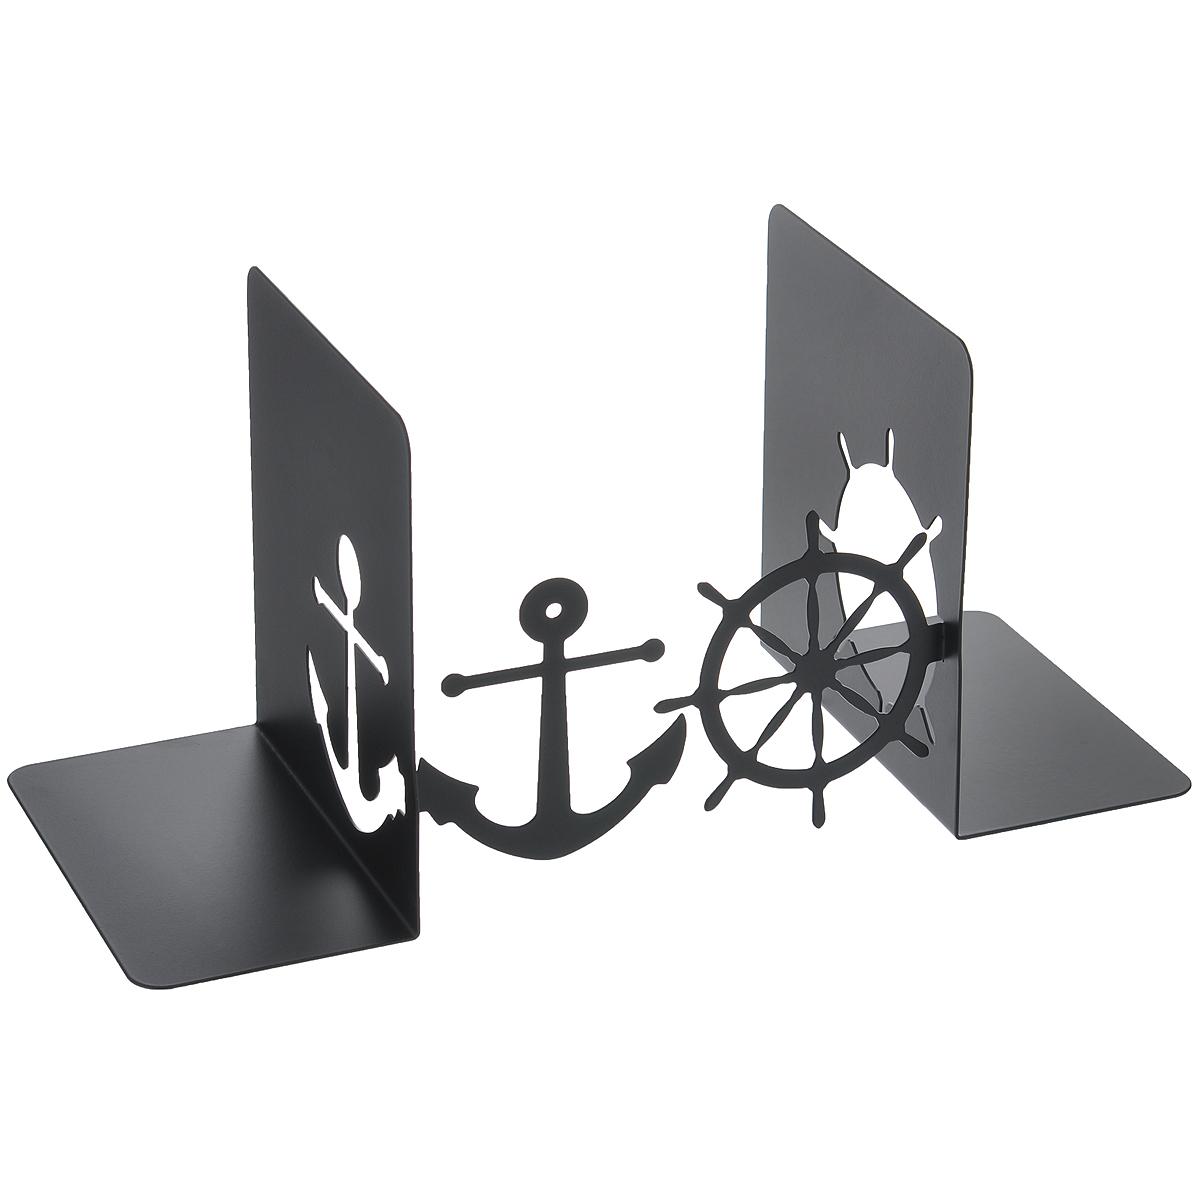 Подставка-ограничитель для книг Штурвал и якорь, 2 шт подставка ограничитель для книг купола